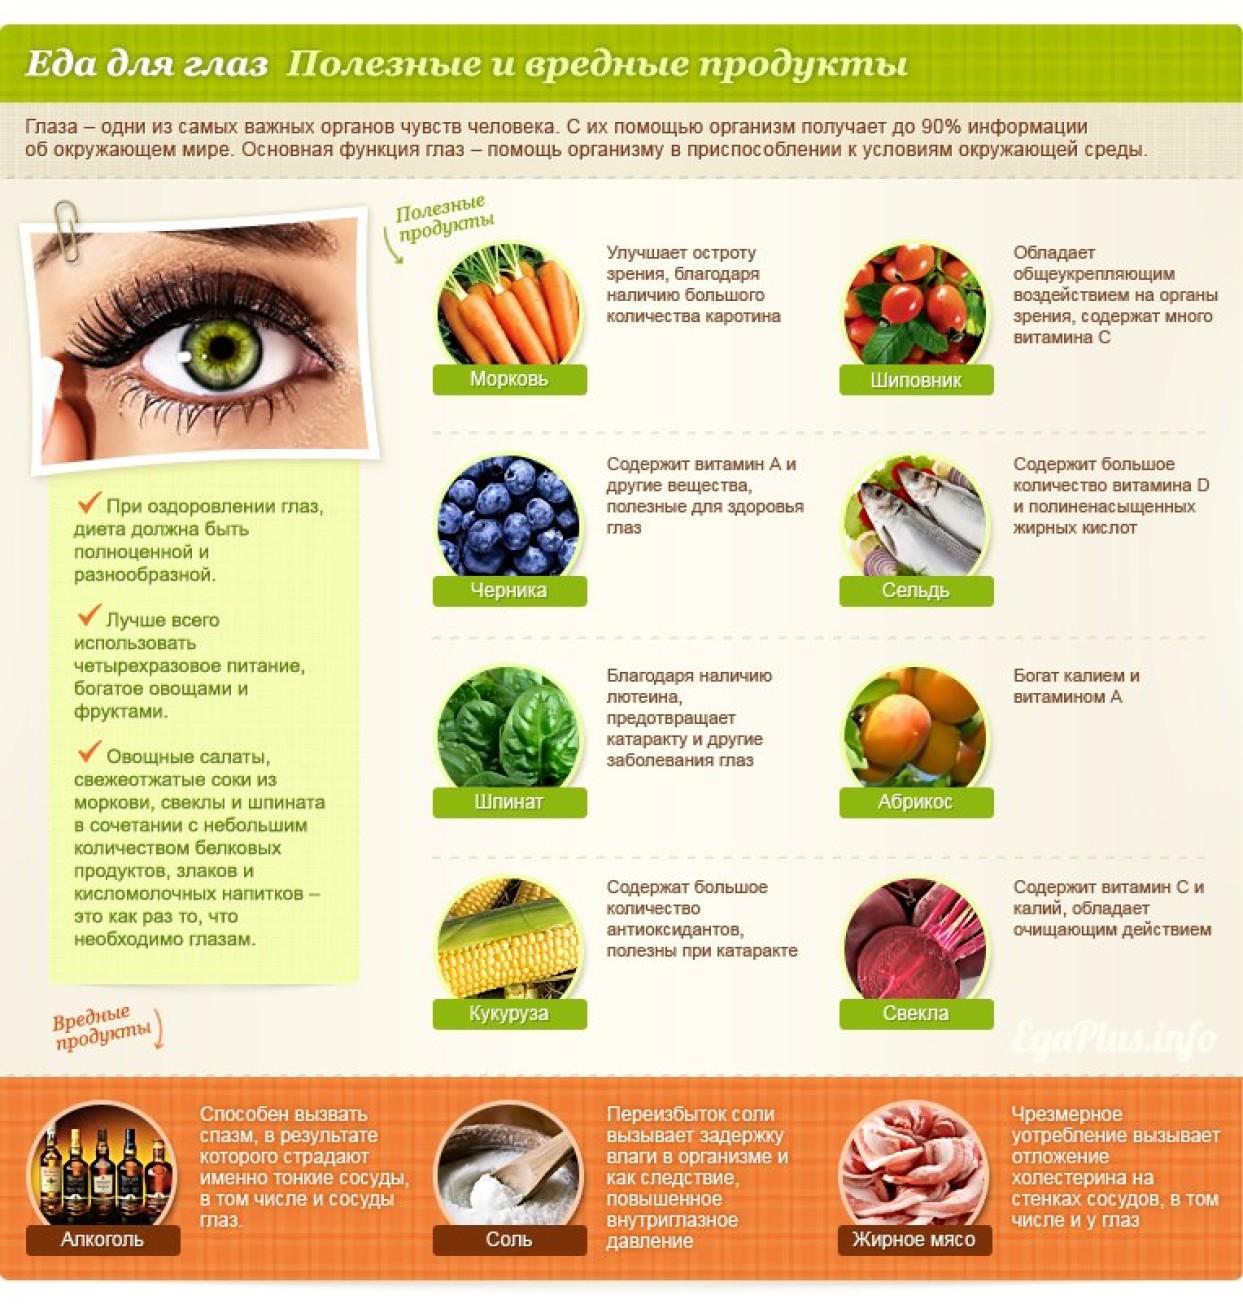 Полезные для зрения продукты